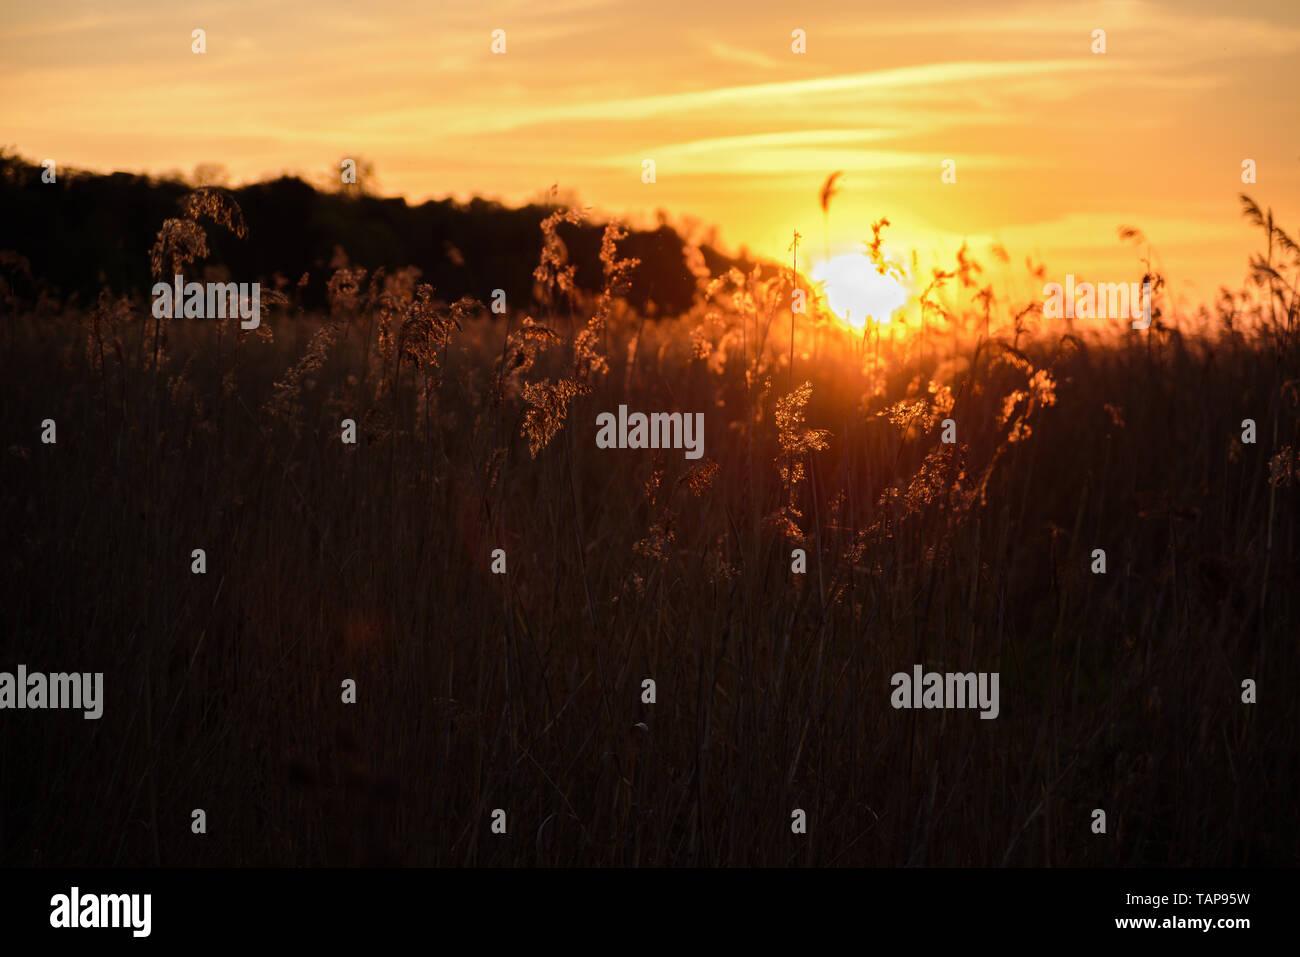 Beautiful Sunset Quotes Stock Photos & Beautiful Sunset